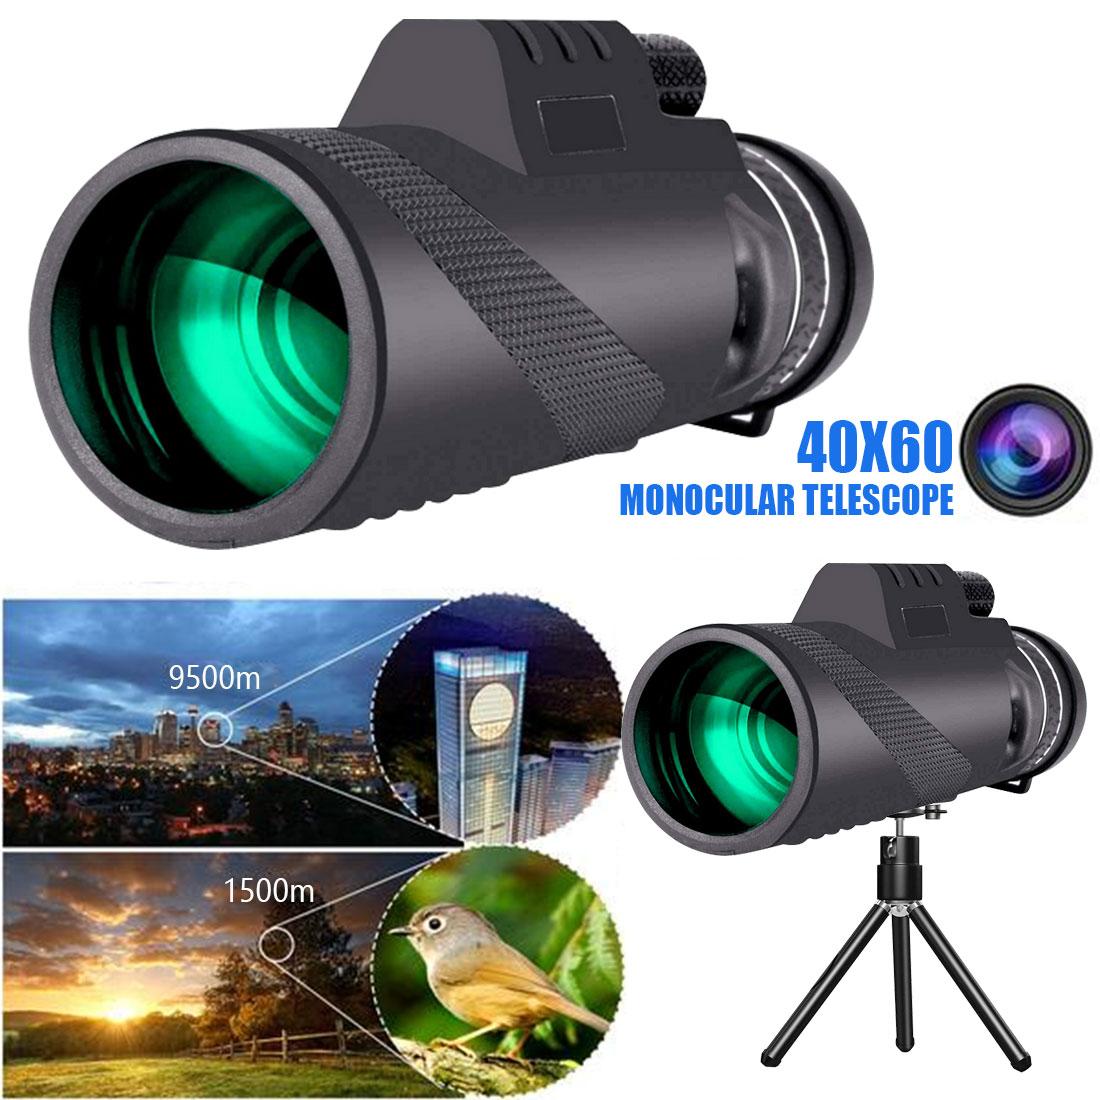 40x60 монокулярный телескоп ночного видения высокое качество зеленая пленка оптический охотничий туризм телескоп дальний зум|Телескоп и бинокли|   | АлиЭкспресс